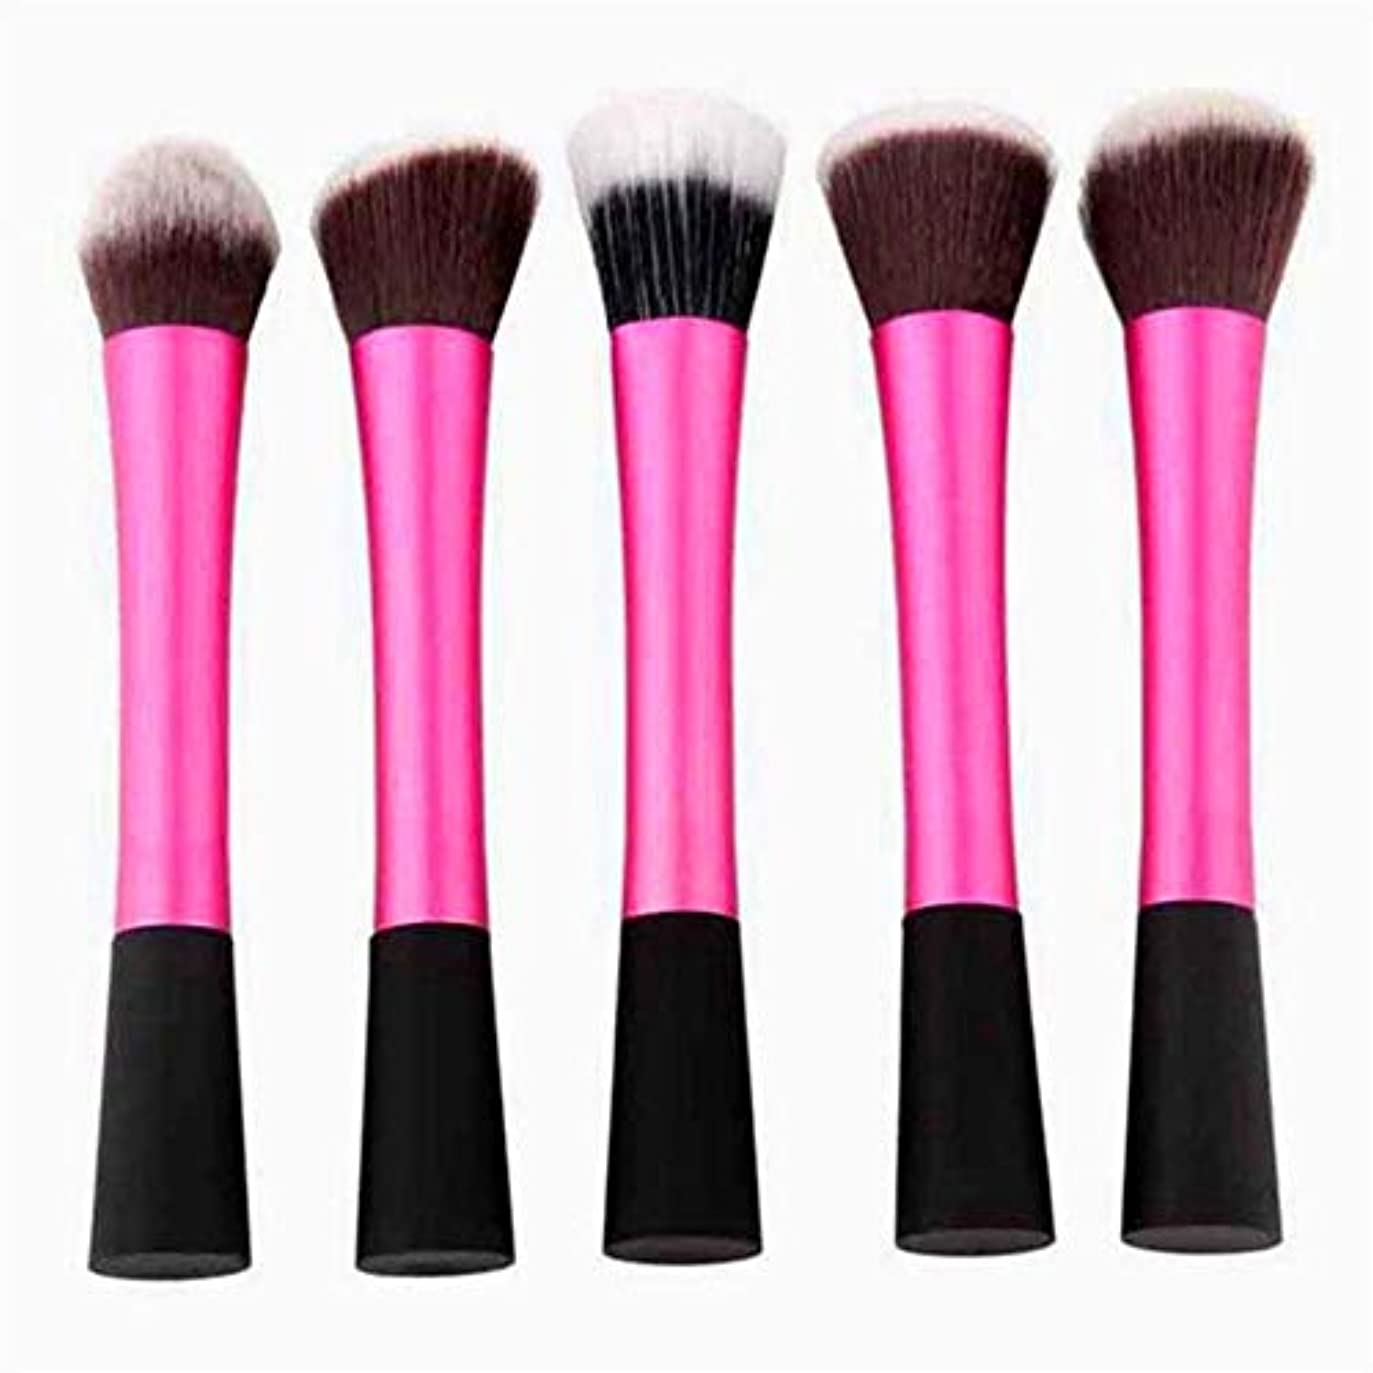 補償マニフェスト手を差し伸べるMakeup brushes 5ピースピンクメイクアップブラシセット熟したアイドルパウダーブラシアイシャドウブラシ輪郭ブラシ suits (Color : Pink)